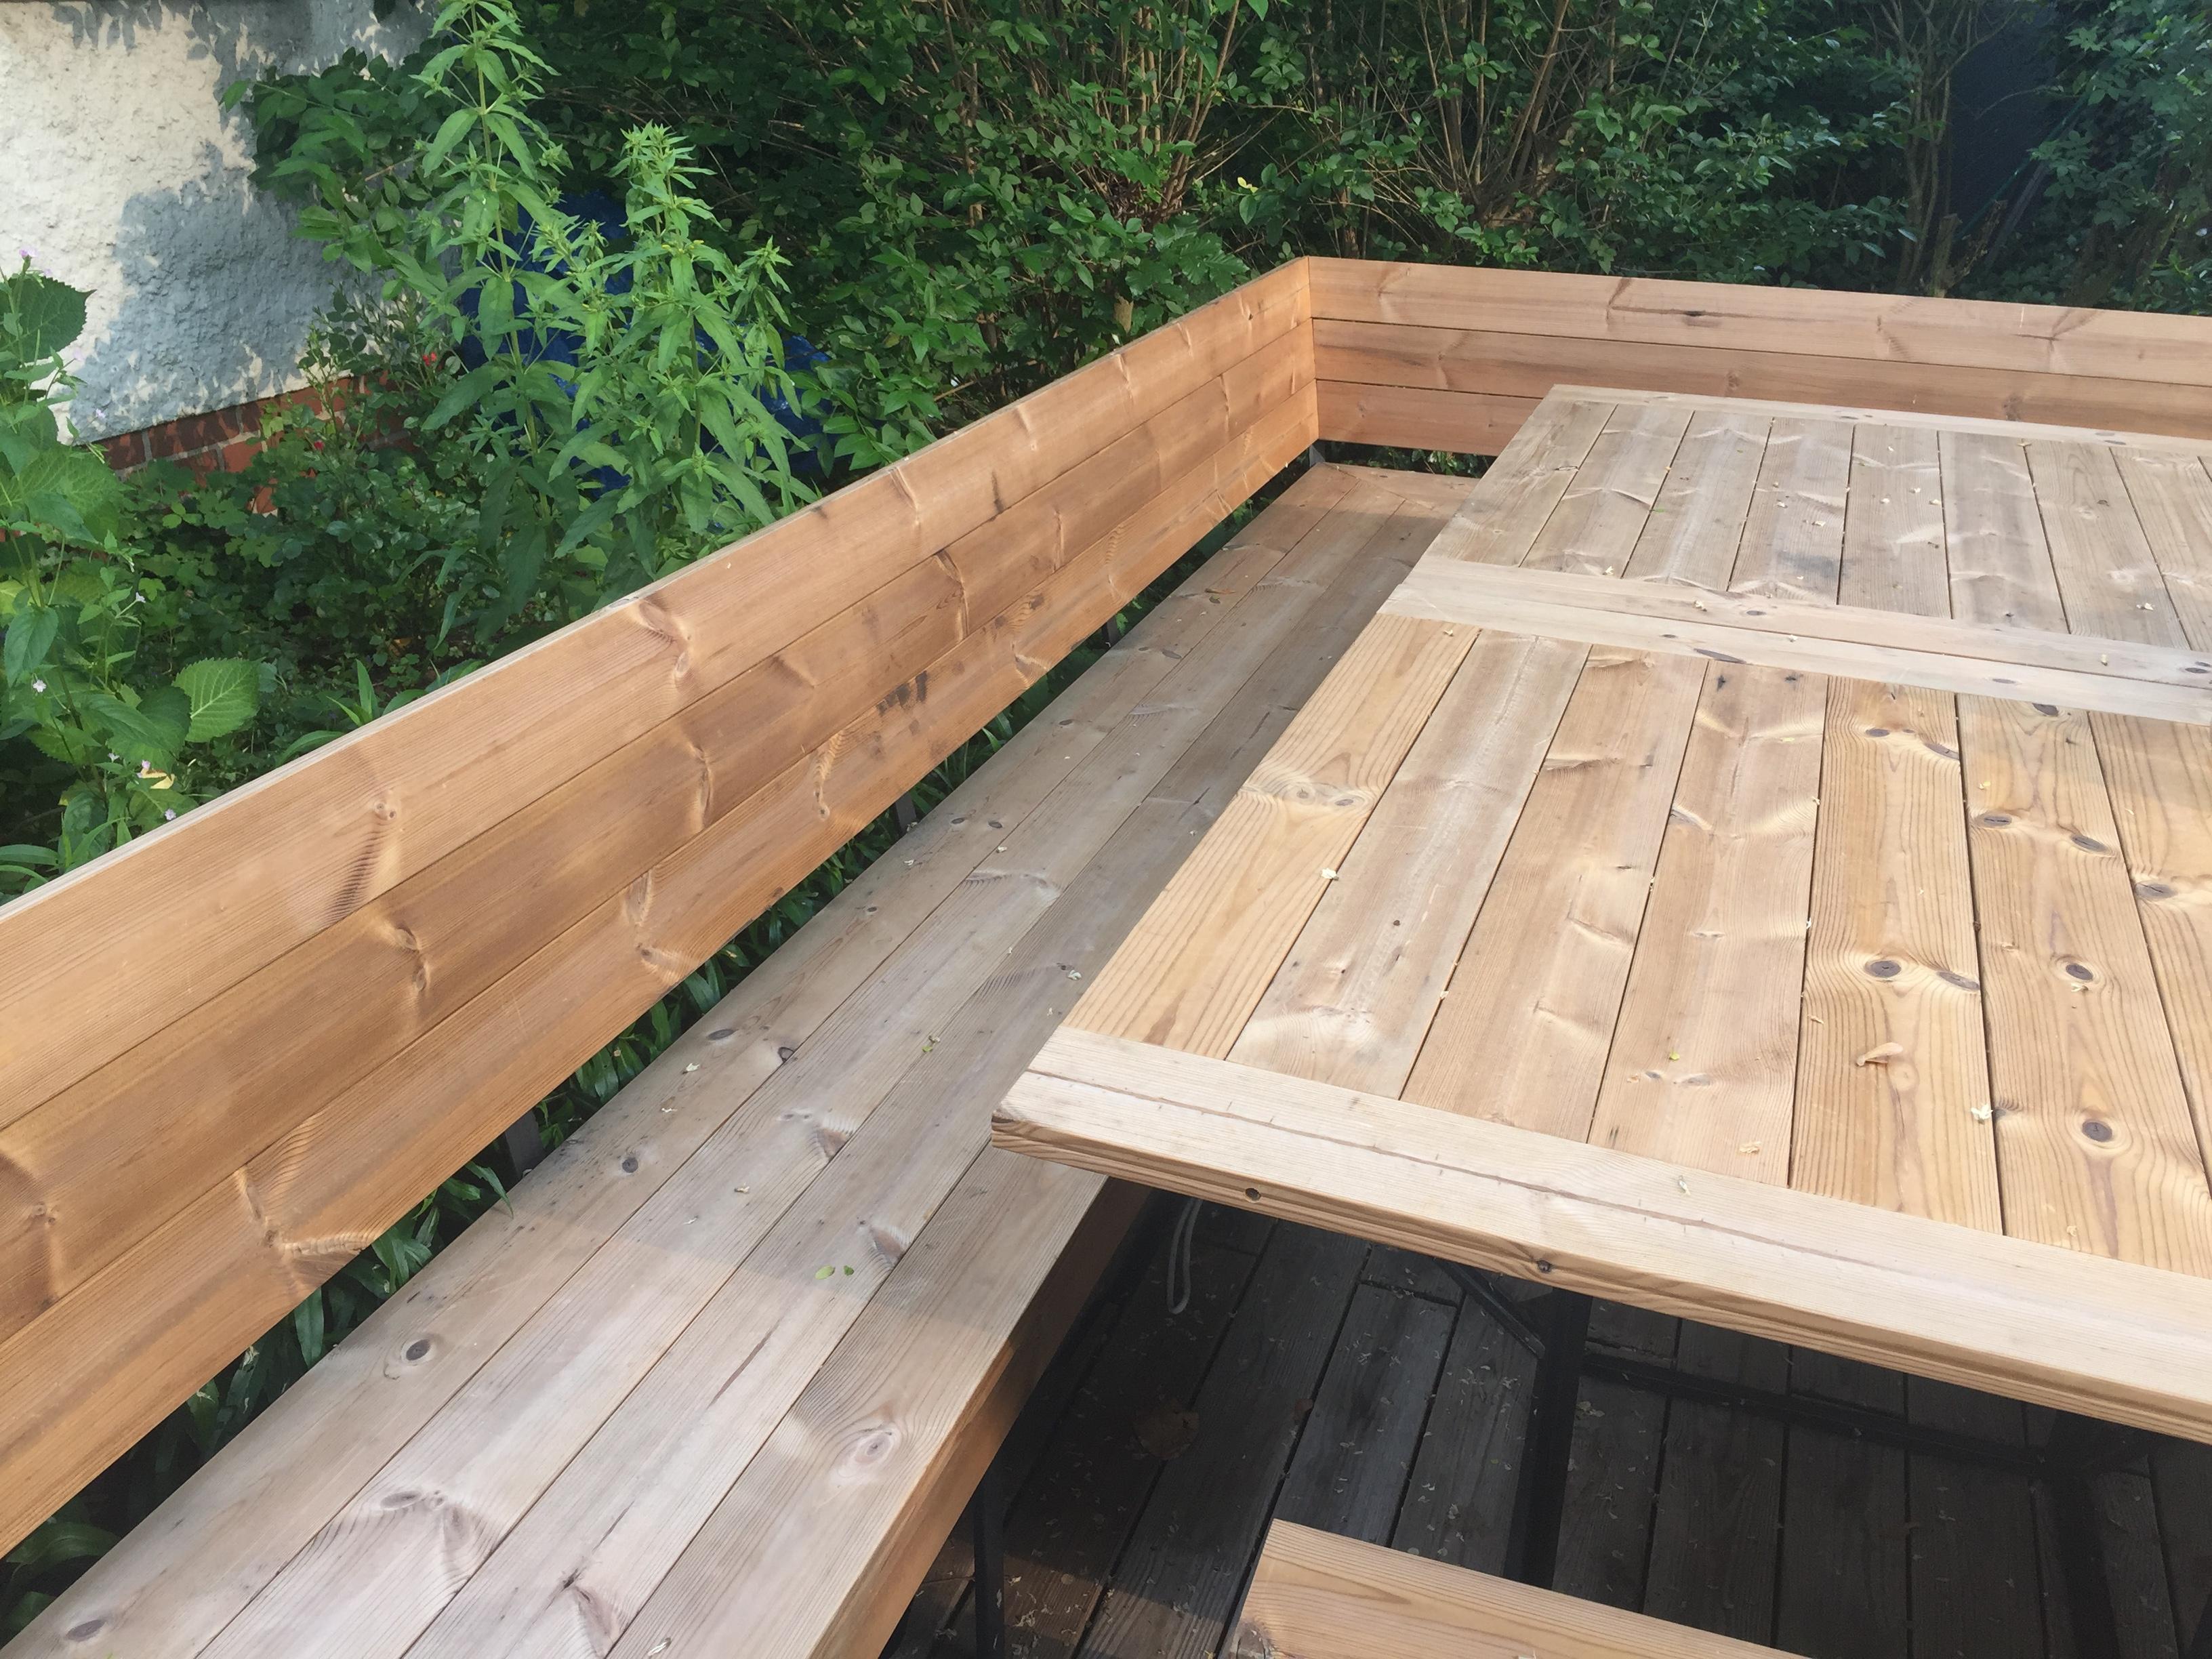 Individuelle Gartenmöbel aus Holz für jede Terrasse und jeden ...